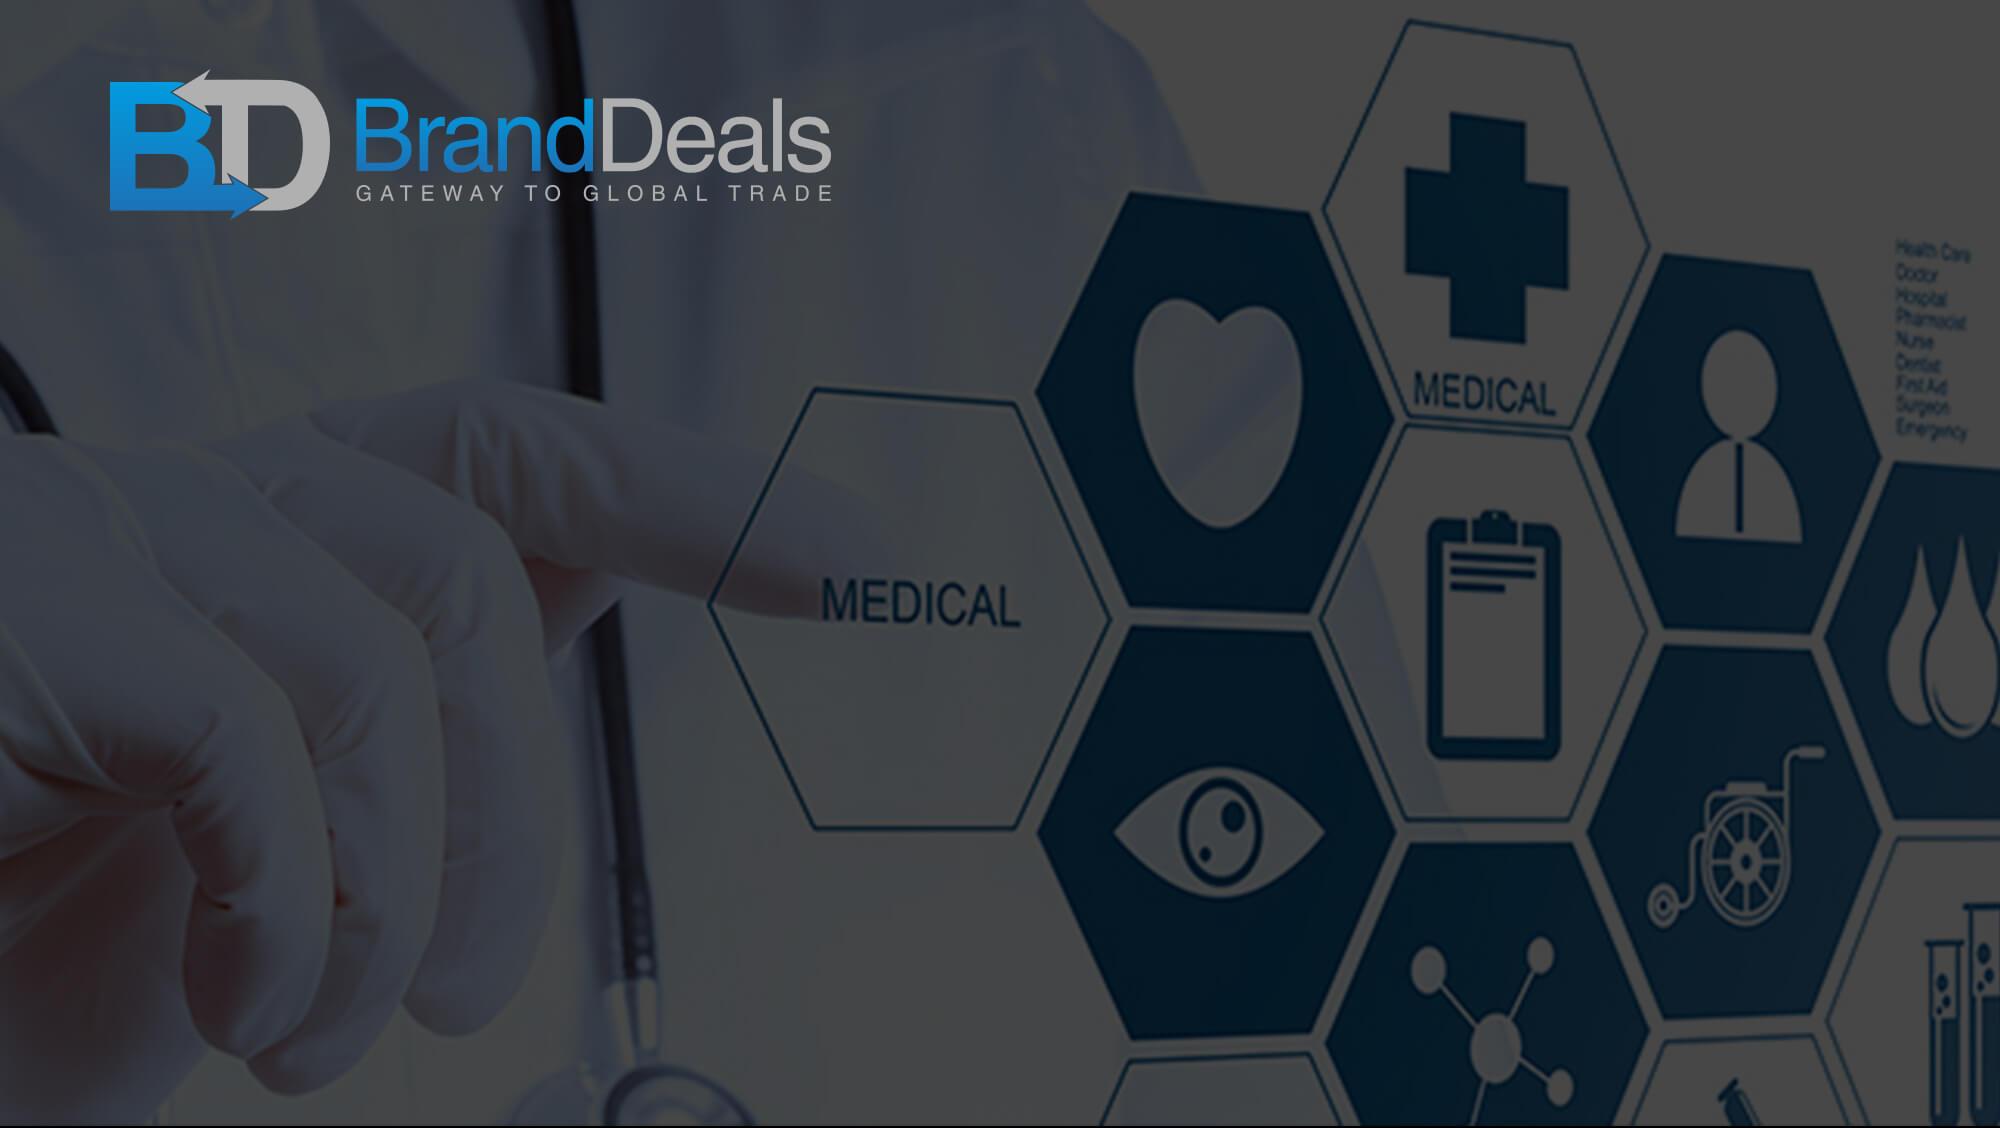 Brandcrock-BrandDeals-BrandCrock-portfolio-header-img